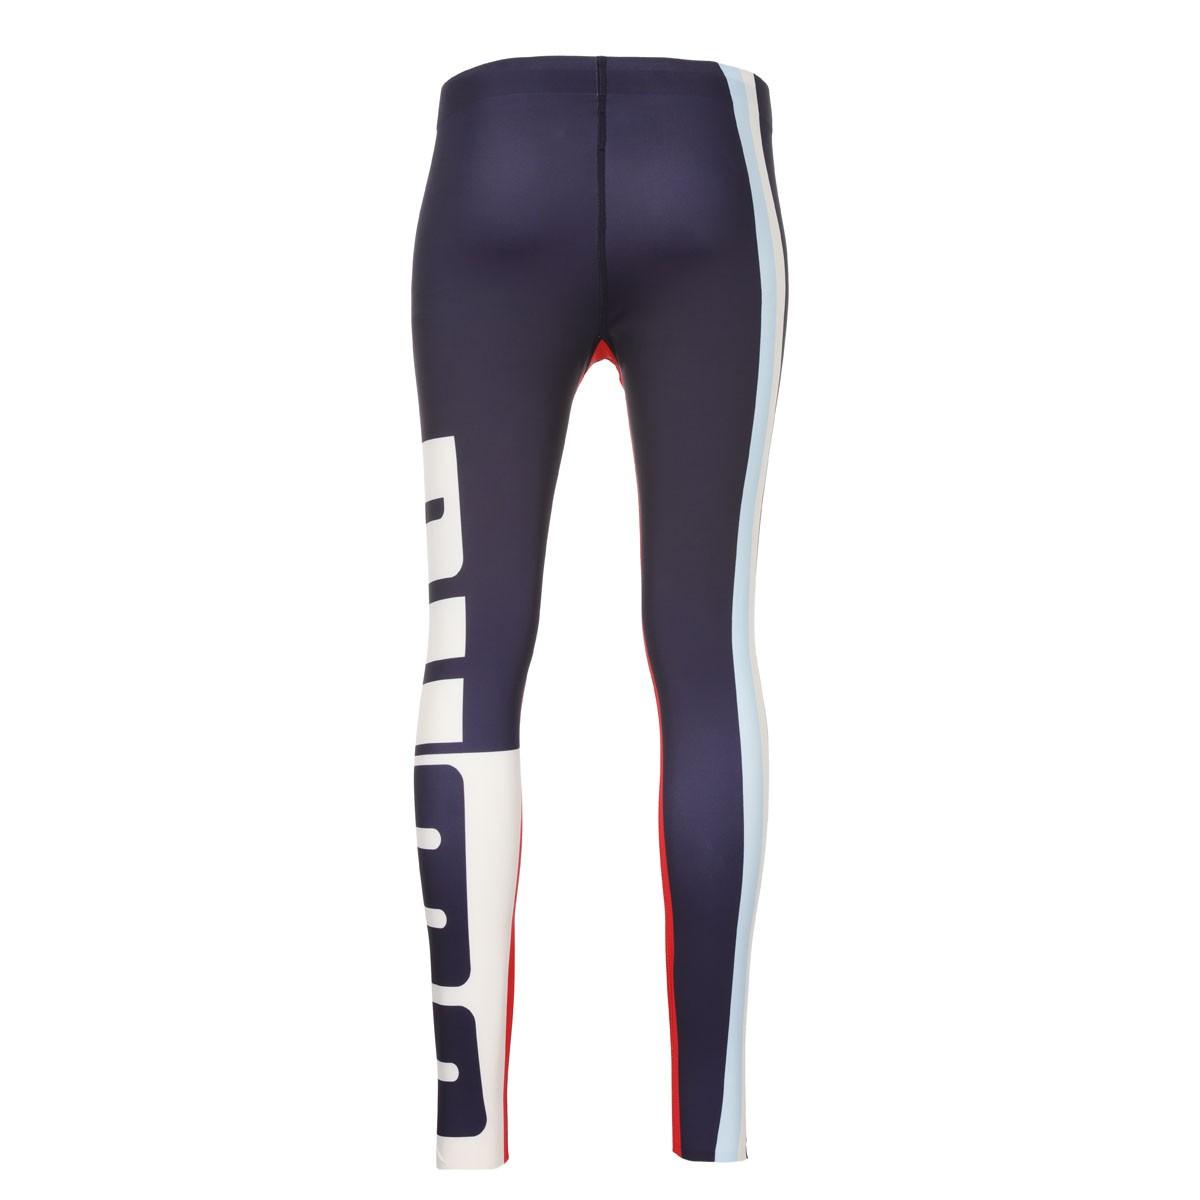 Avis Gymeltics : quels sont les atouts de ses leggings ?